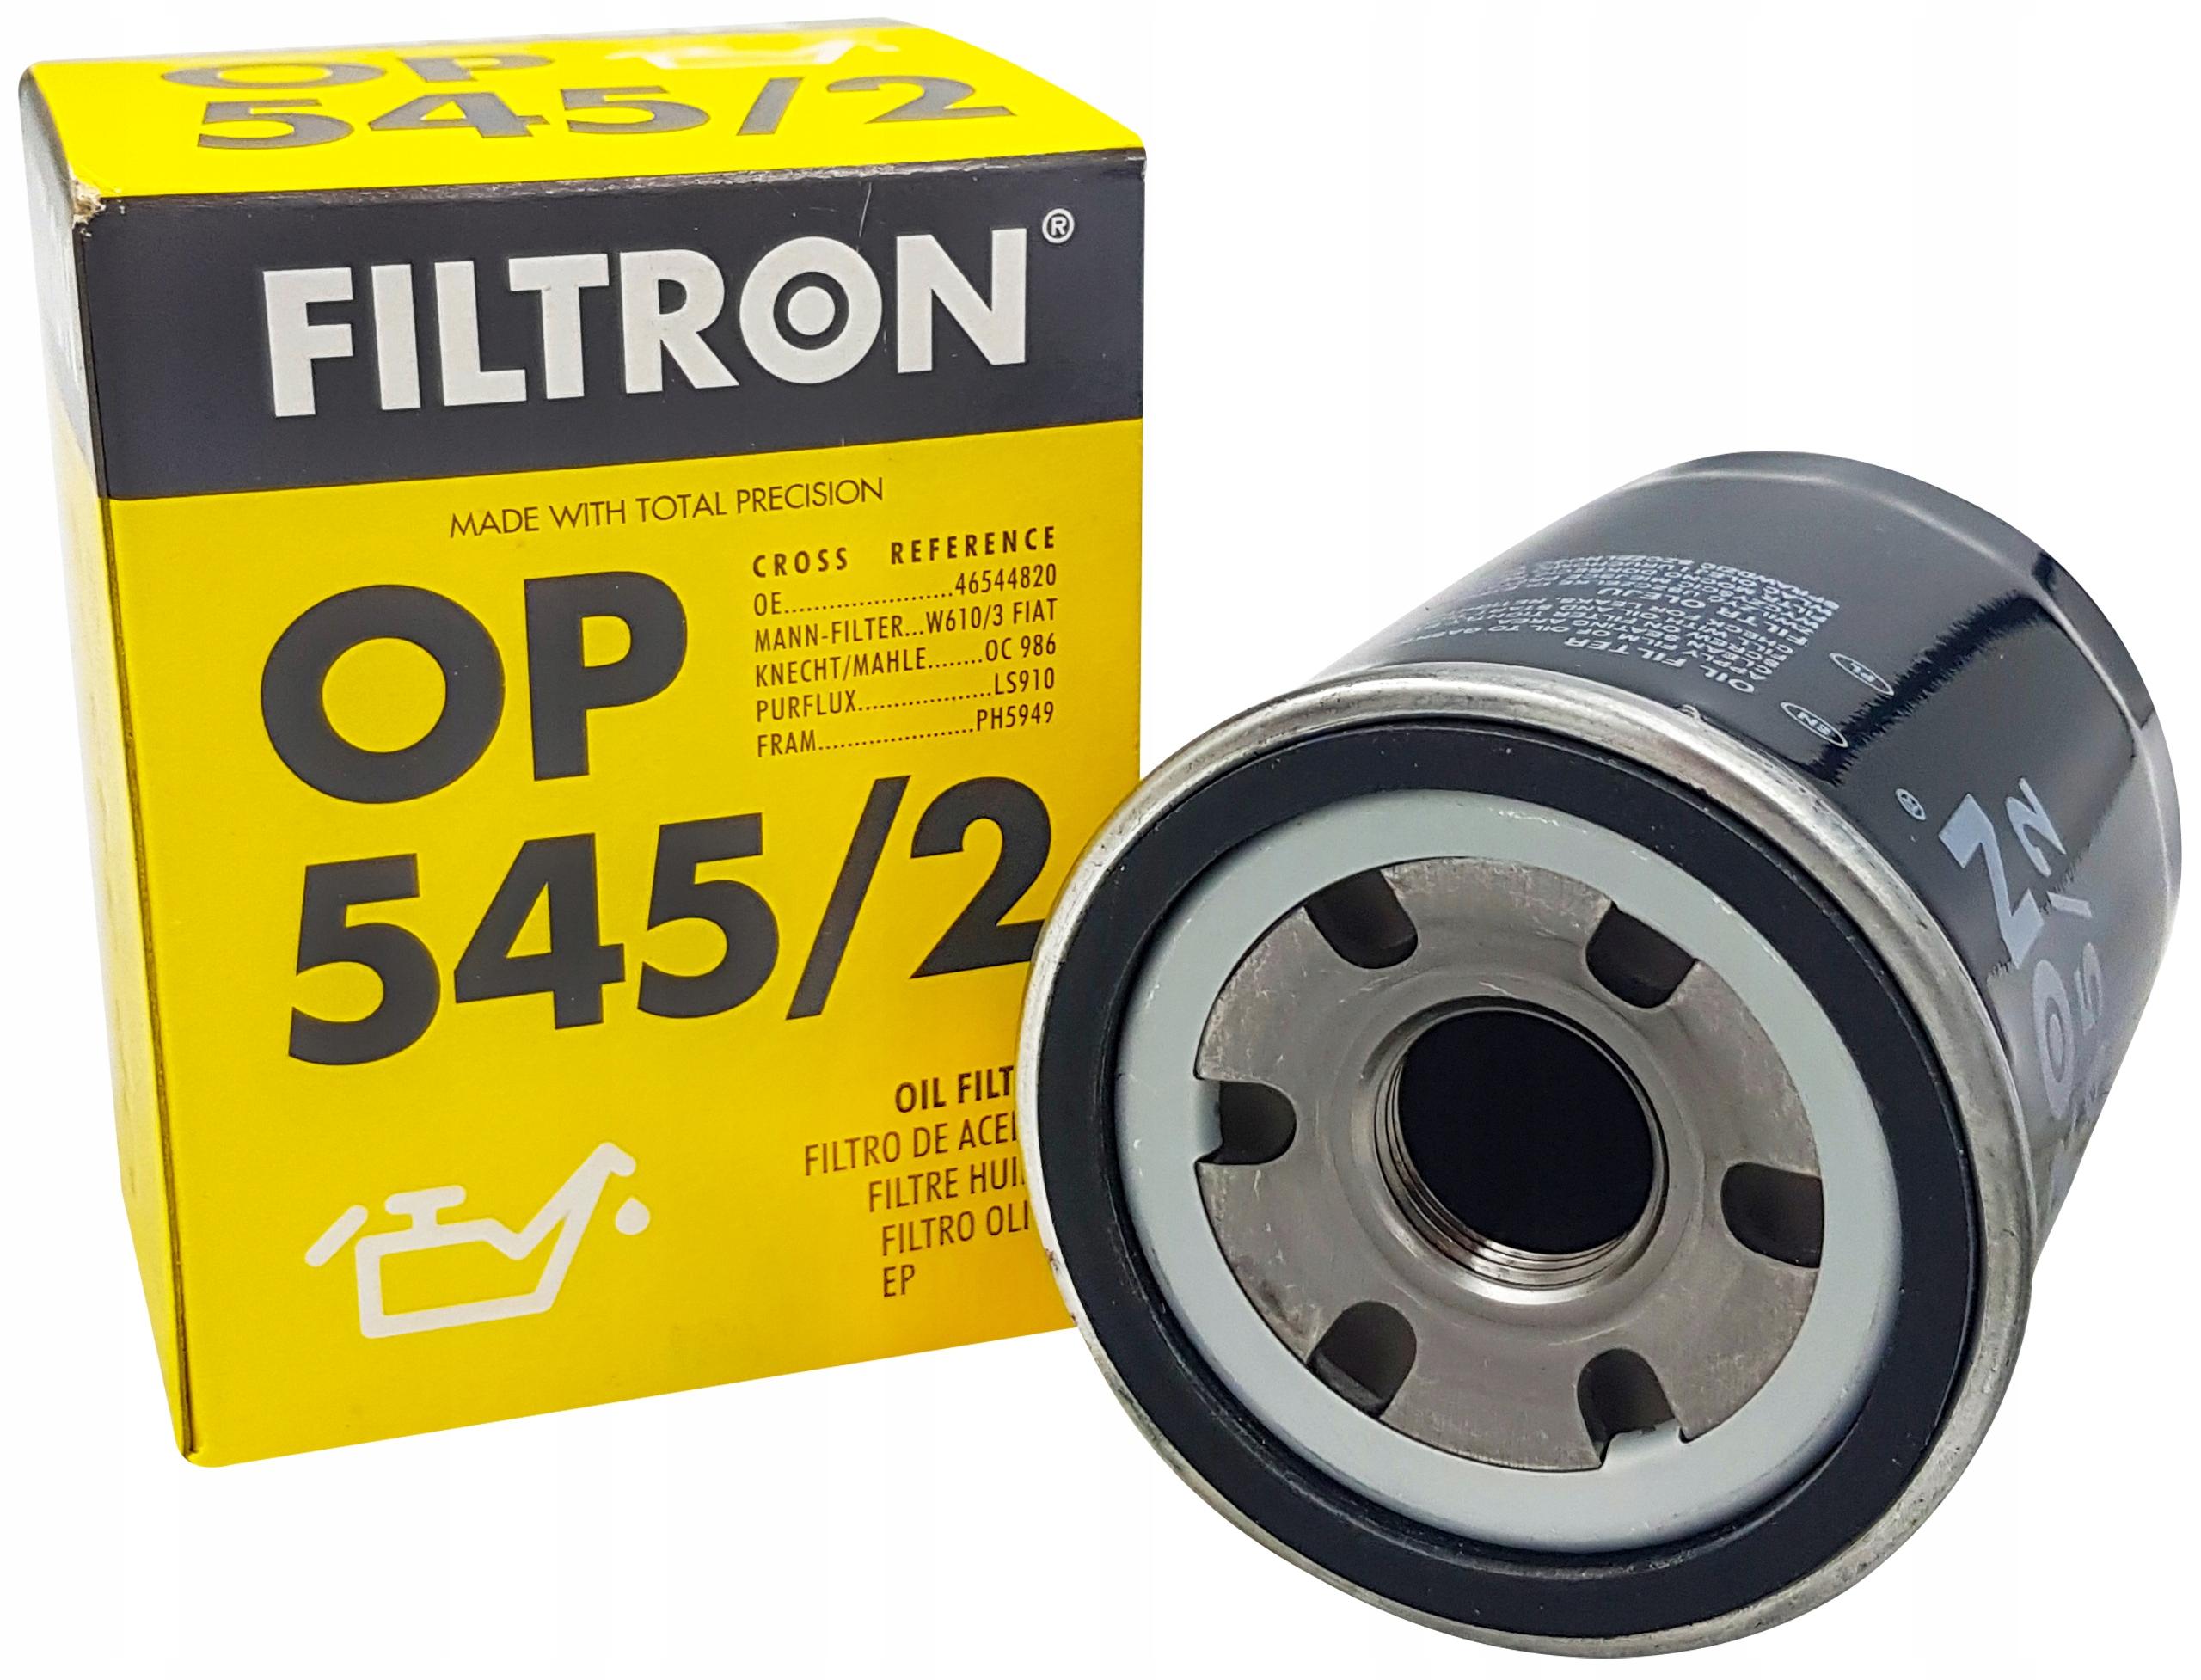 фильтр масла filtron к fiat stilo punto 12 14